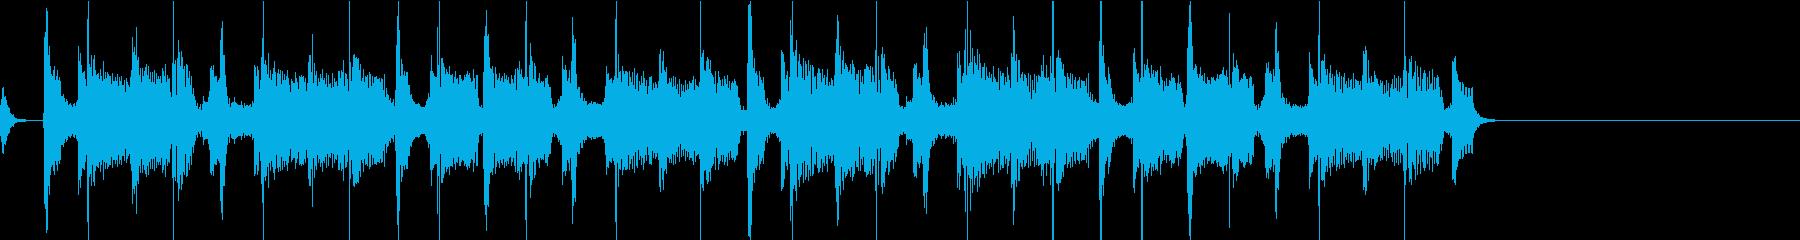 昔のロック風BGM  ジングル1の再生済みの波形